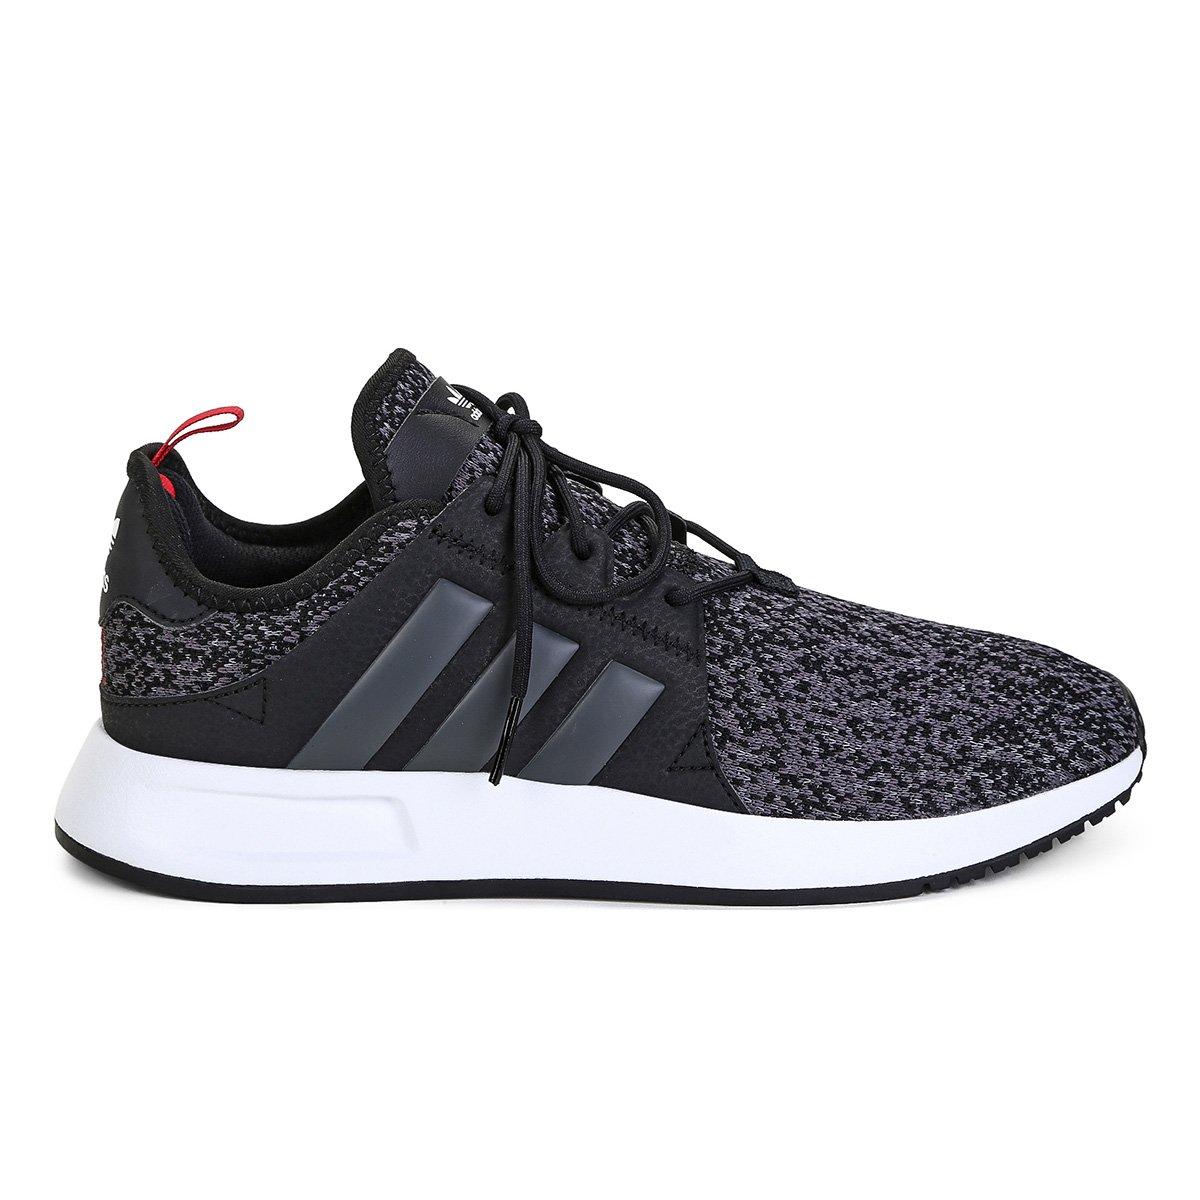 d43fea1f3 Tênis Adidas X PLR - Compre Agora